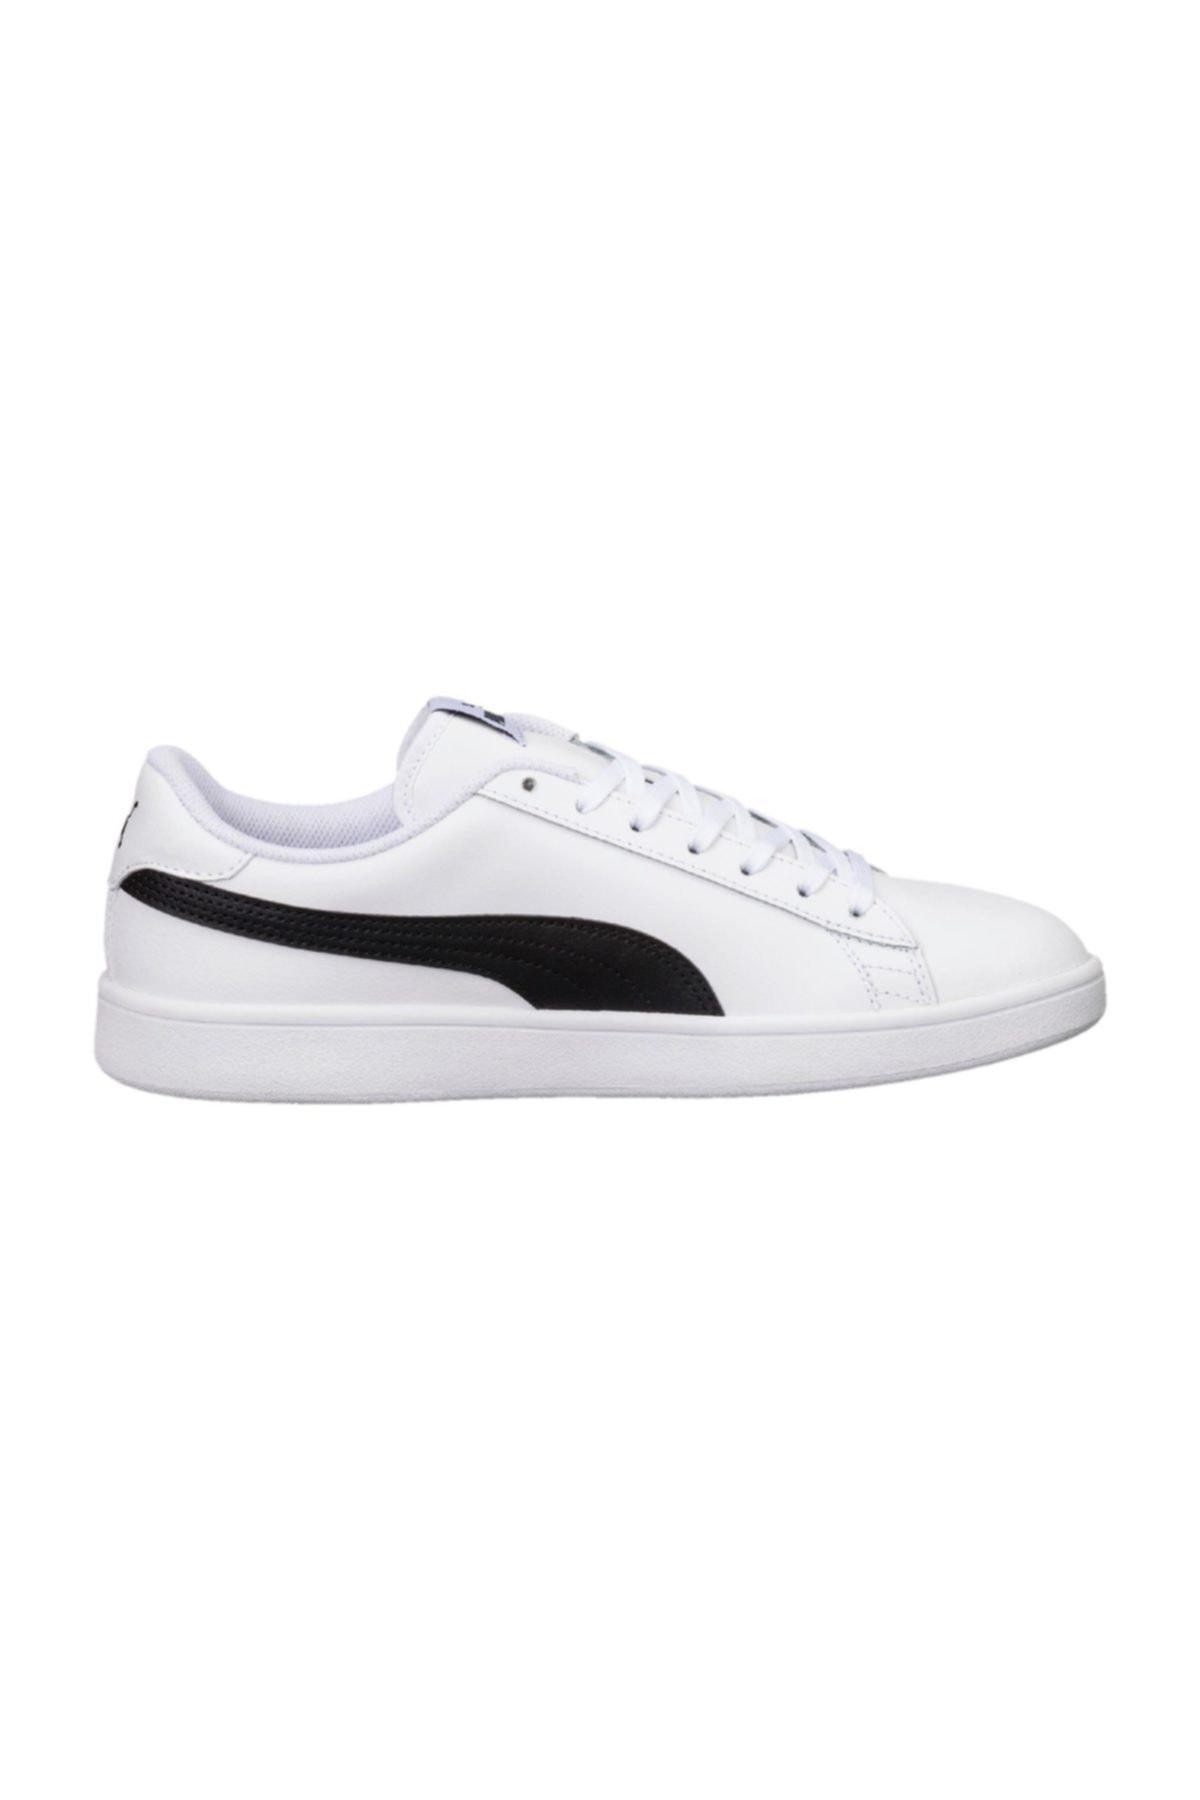 Puma 36521501 Smash v2 Spor Ayakkabı 1